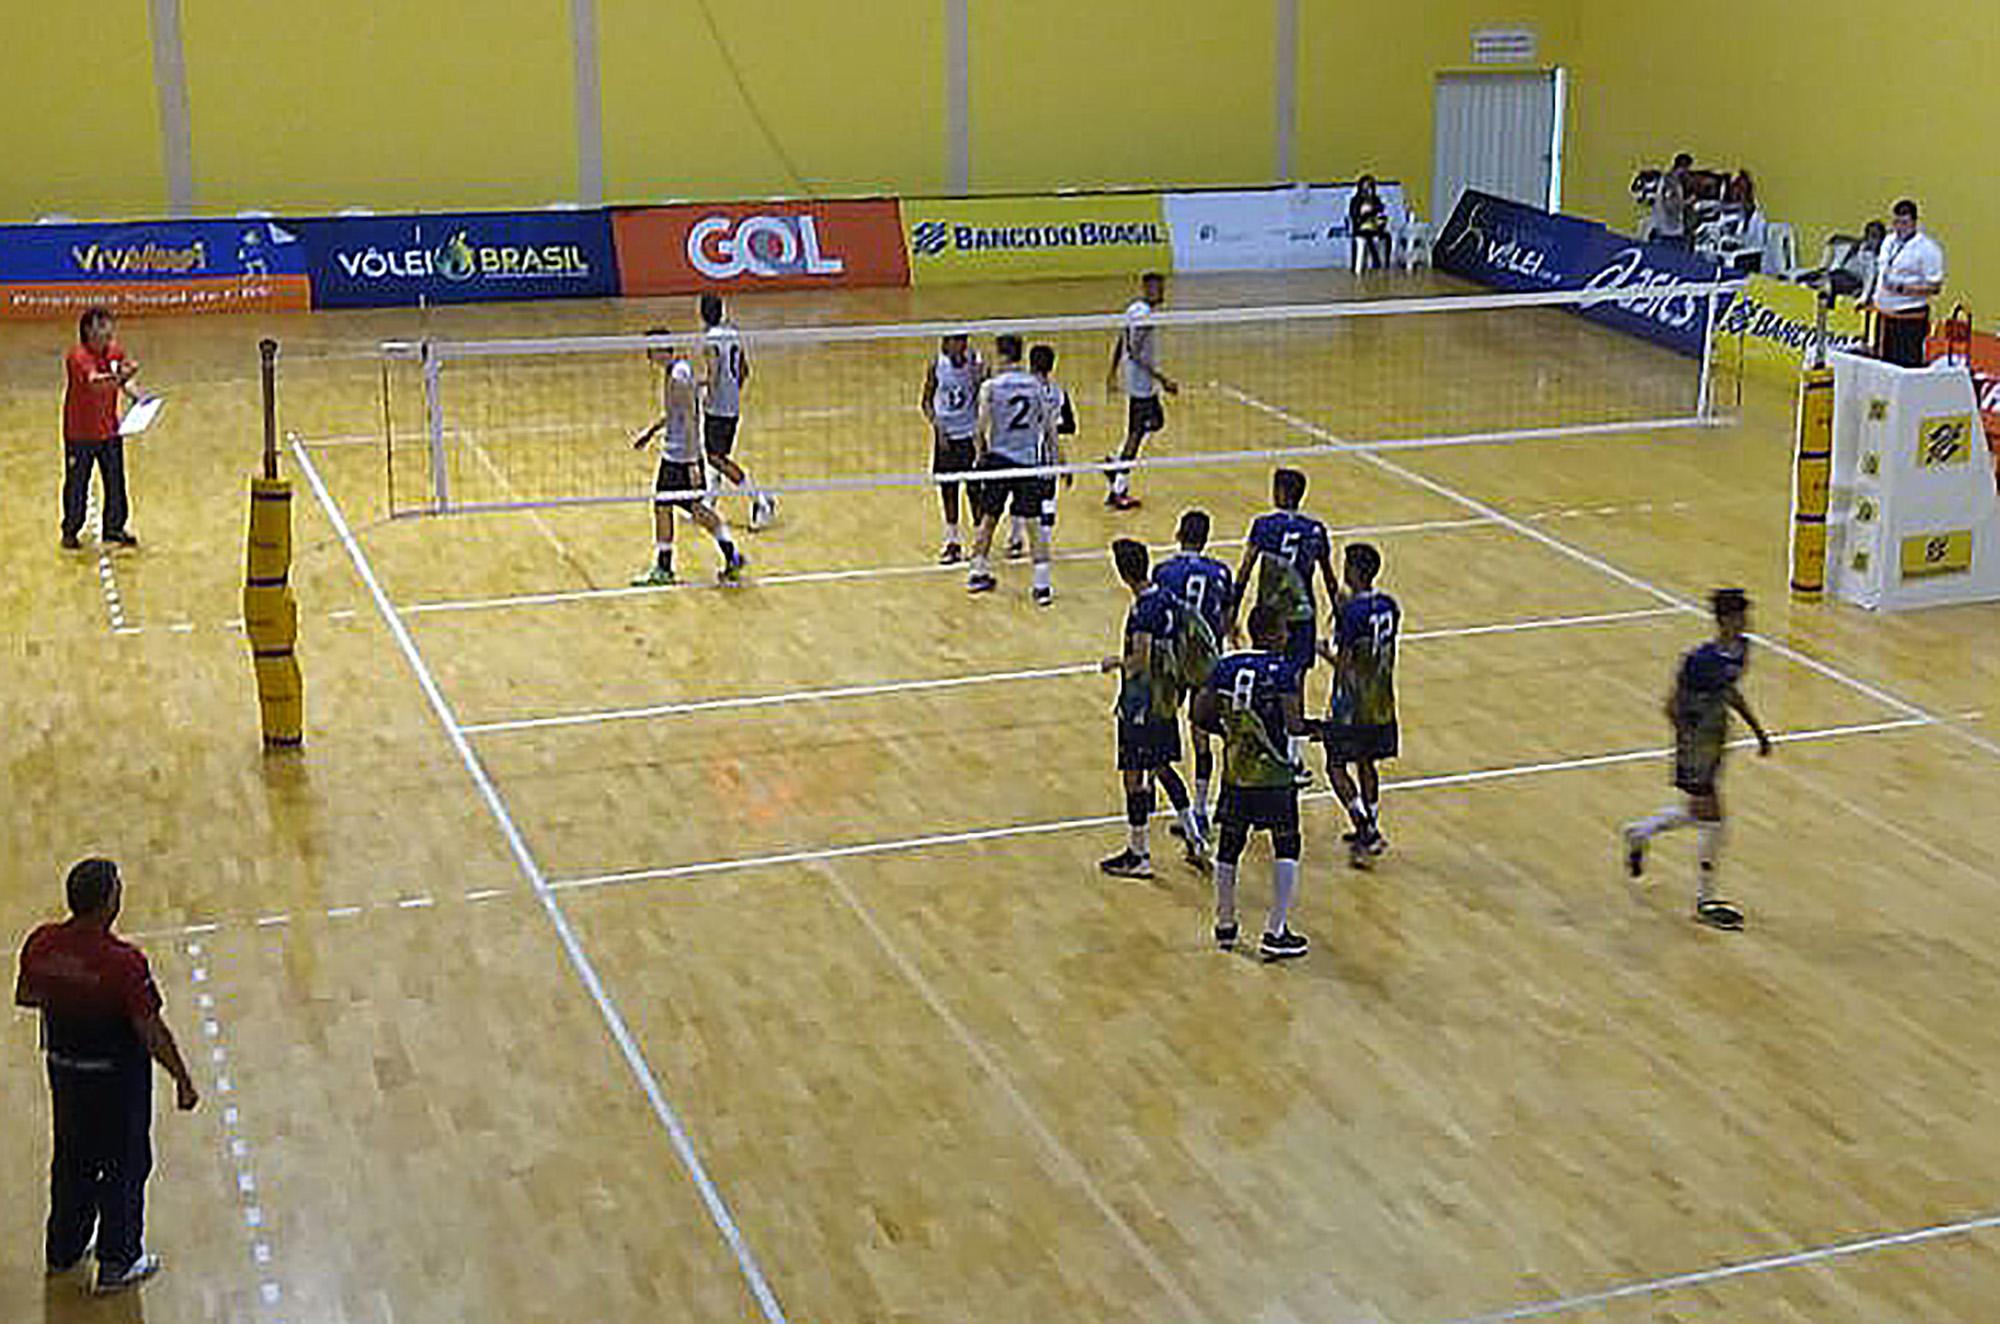 Primeiro dia de competição contou com oito jogos no CDV